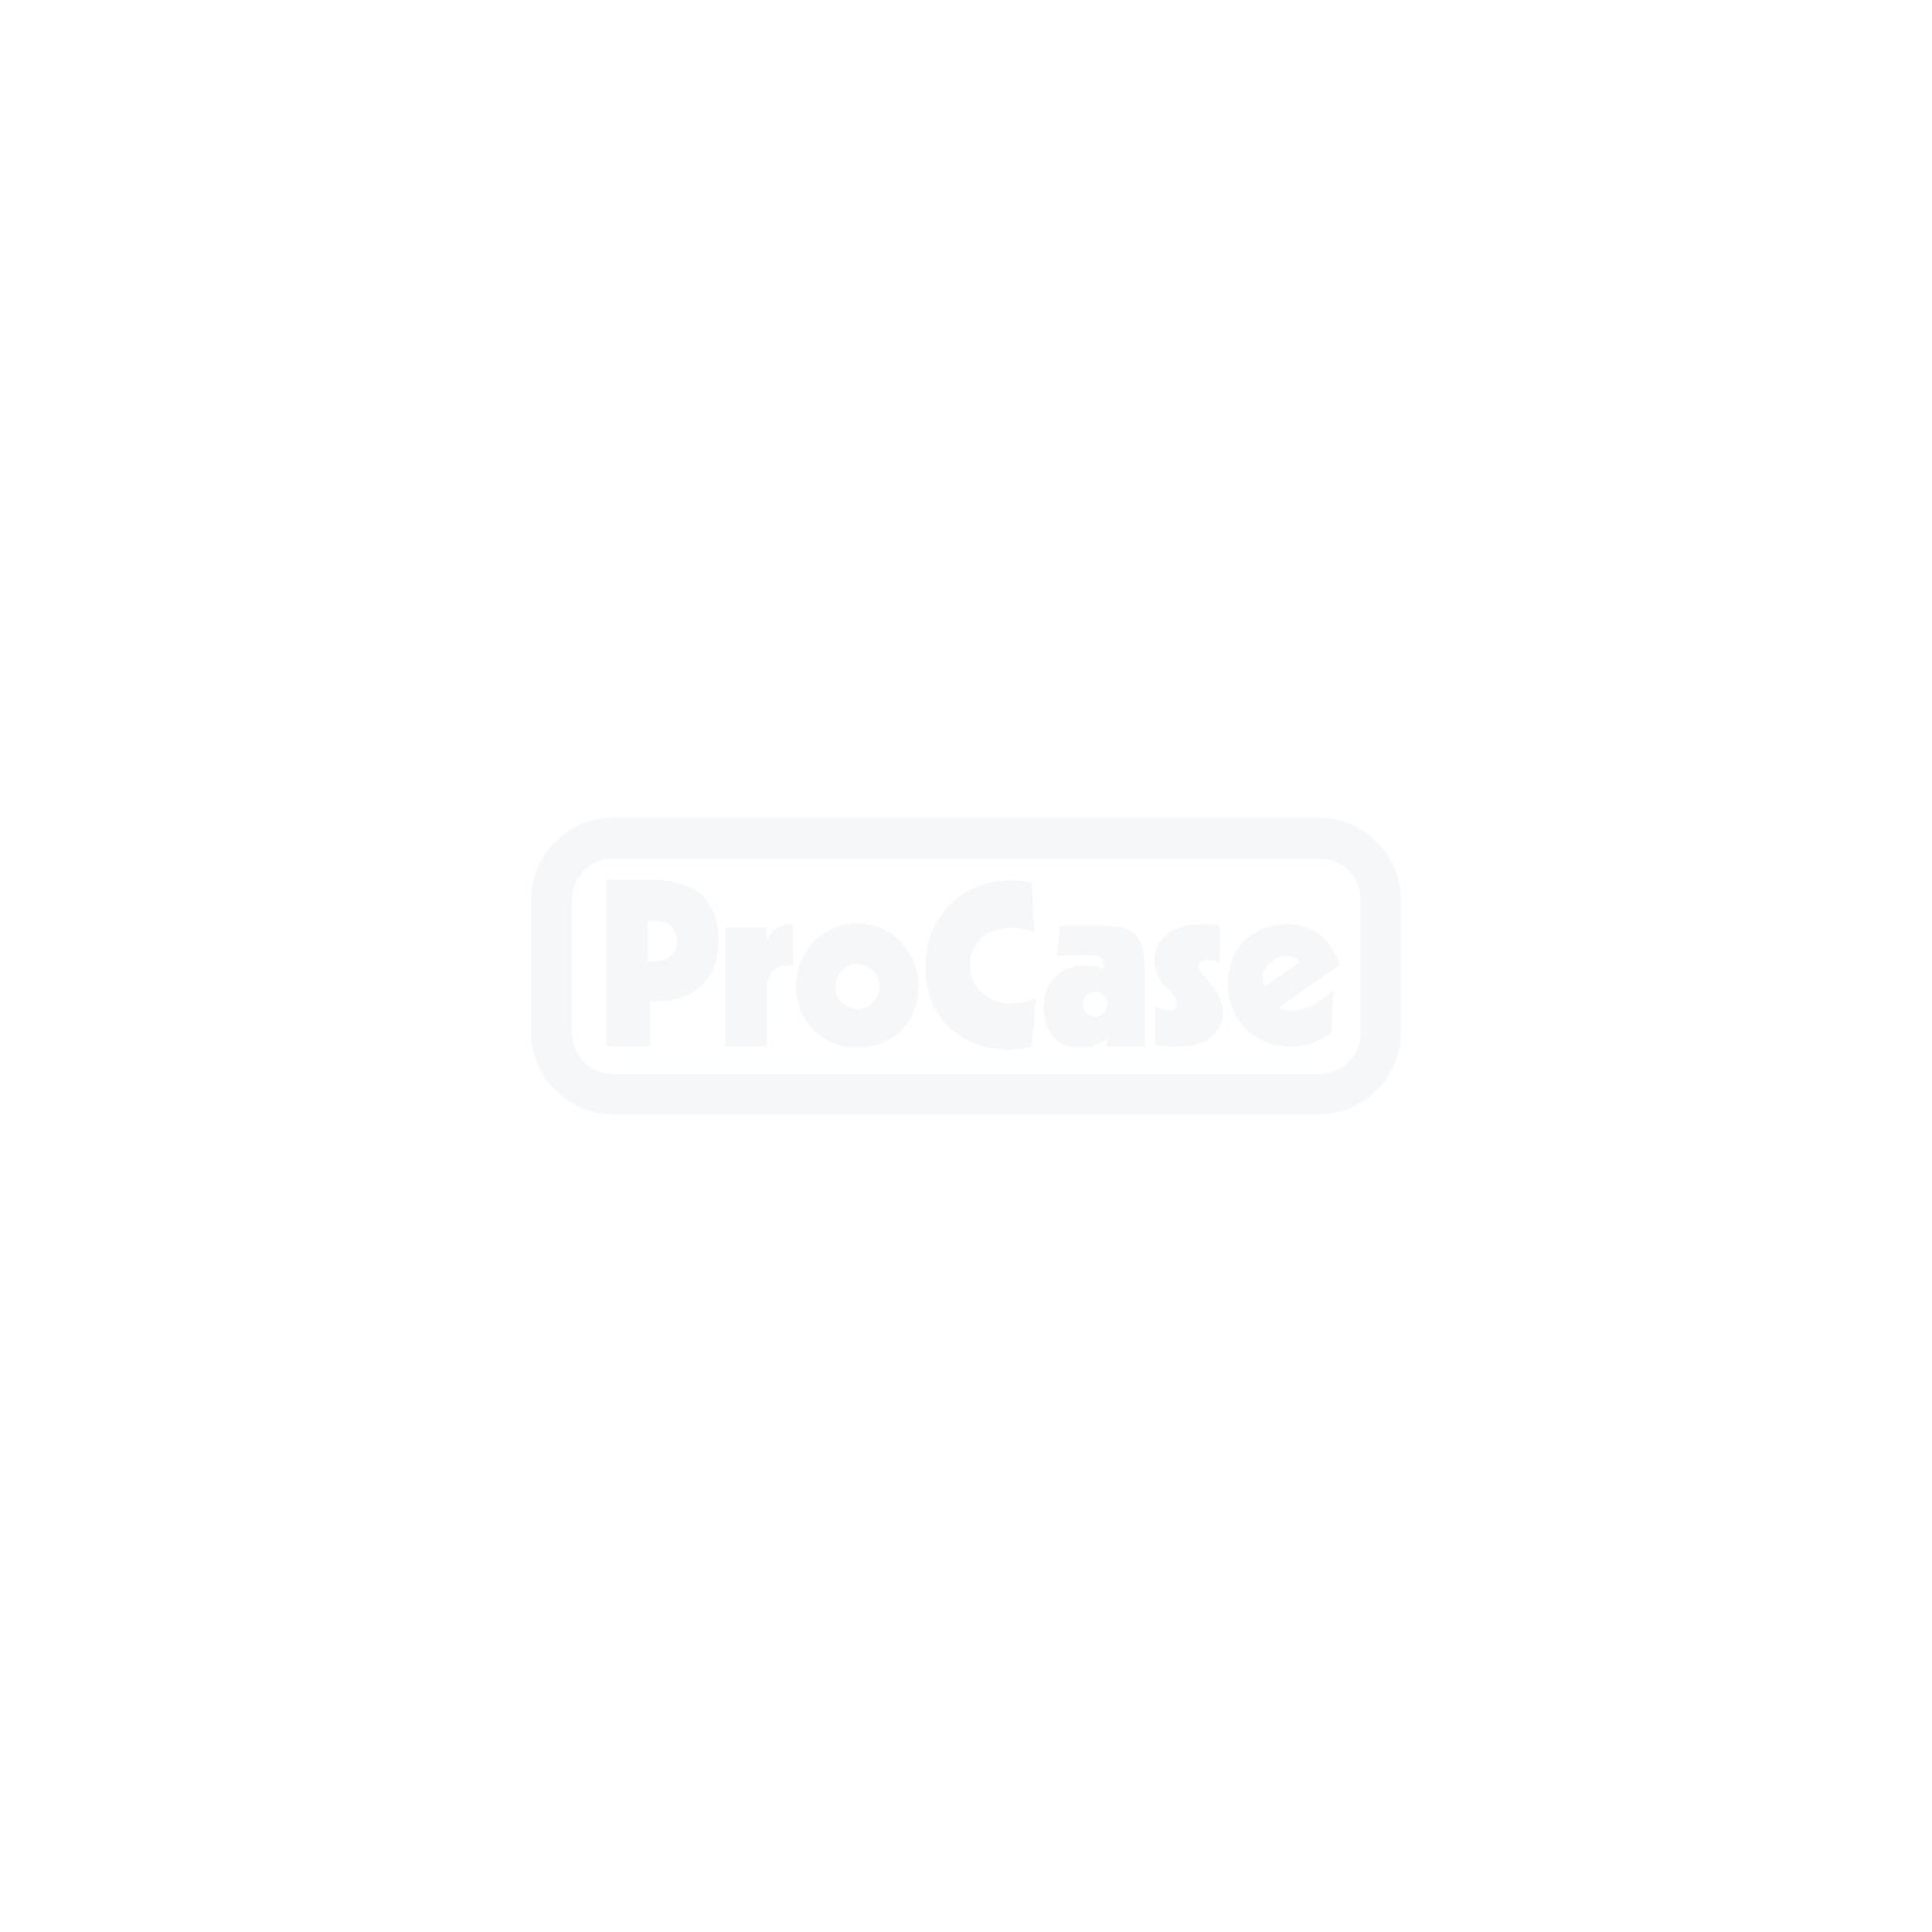 QSD-Rack 16HE 800 mm tief 3